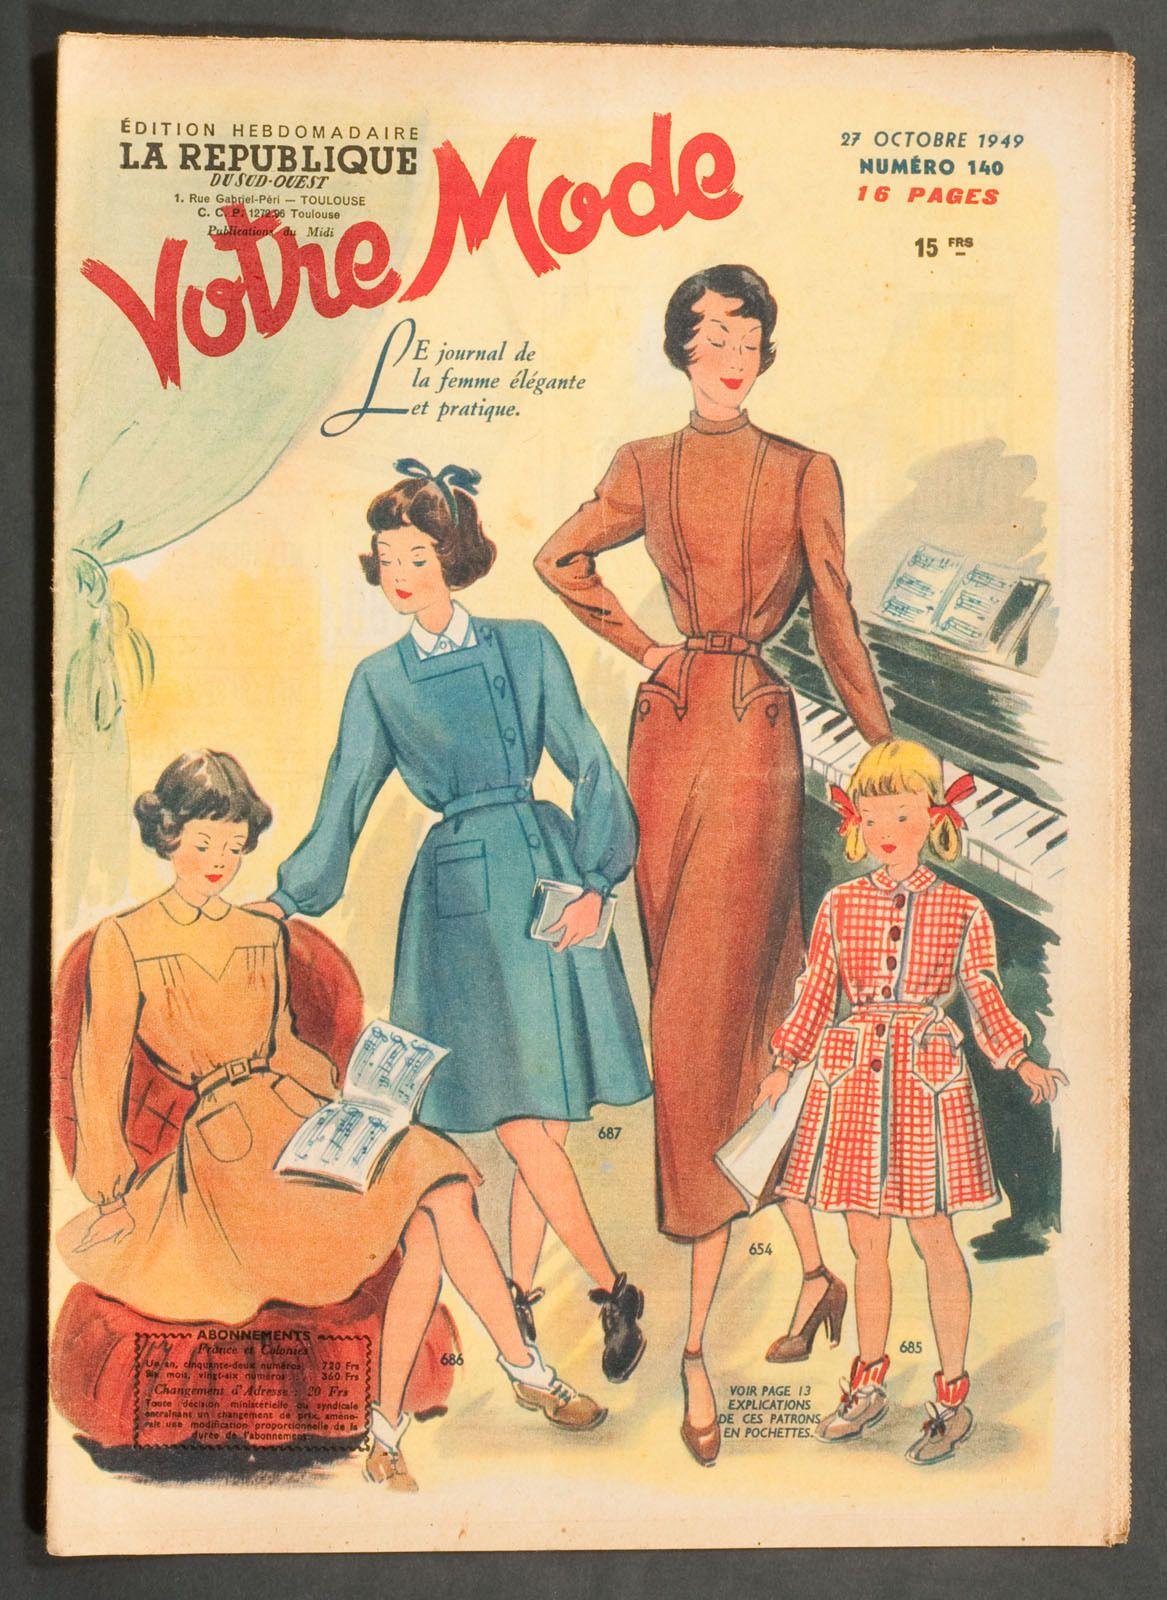 'VOTRE MODE' FRENCH VINTAGE NEWSPAPER 27 OCTOBER 1949 | eBay